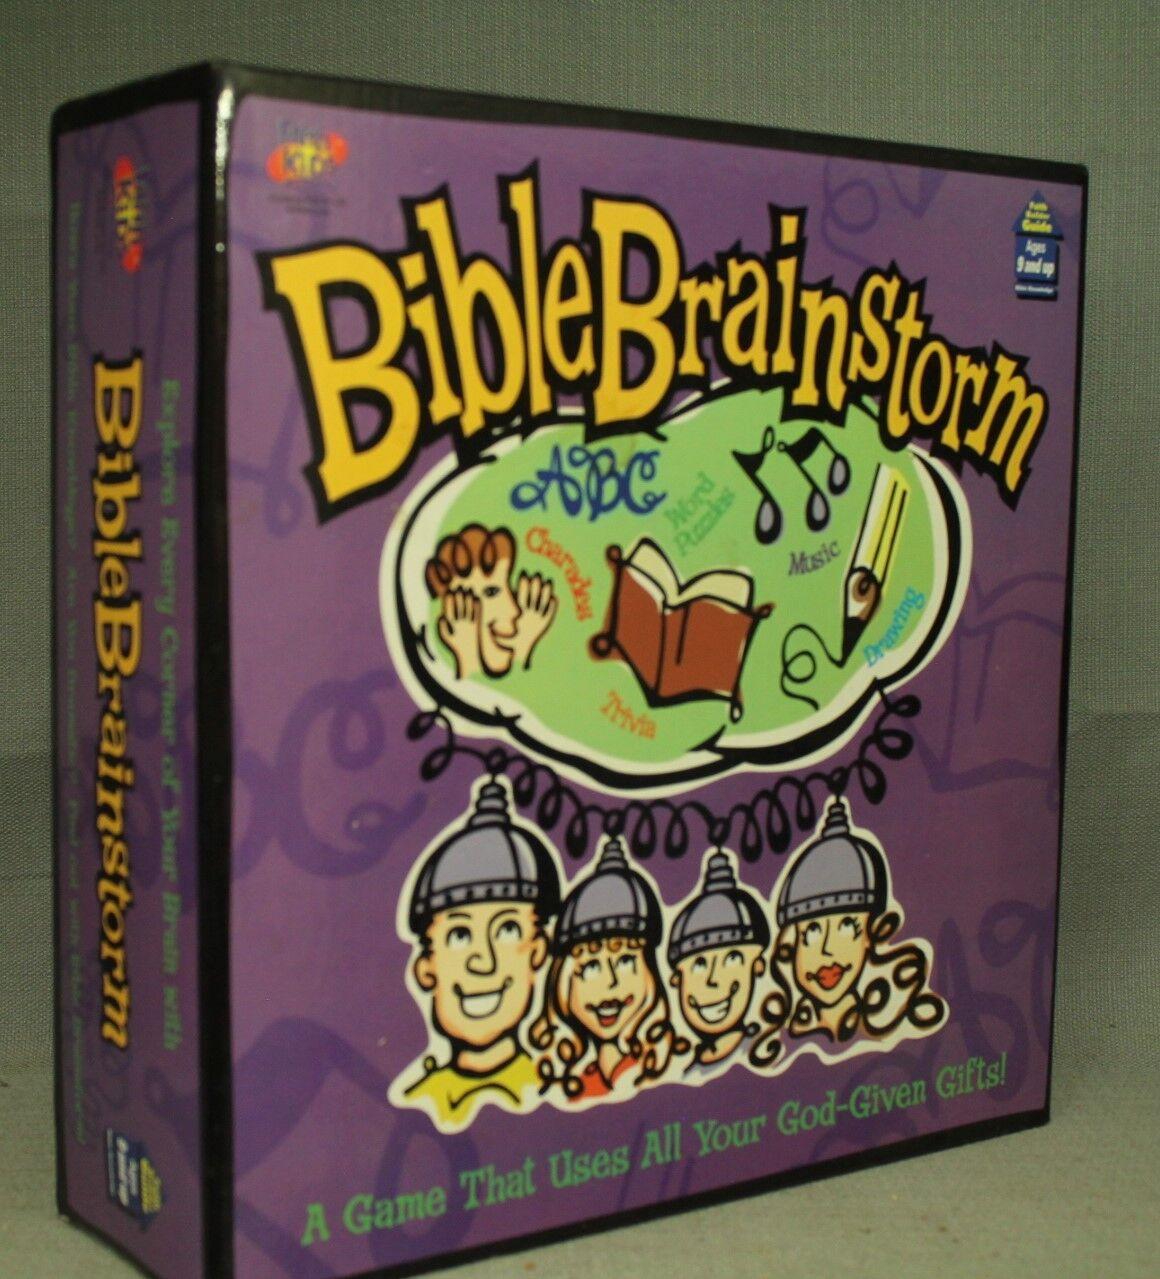 Bibel Brainstorm Spiel Trivia Charades Musik Zeichnung Word Puzzles